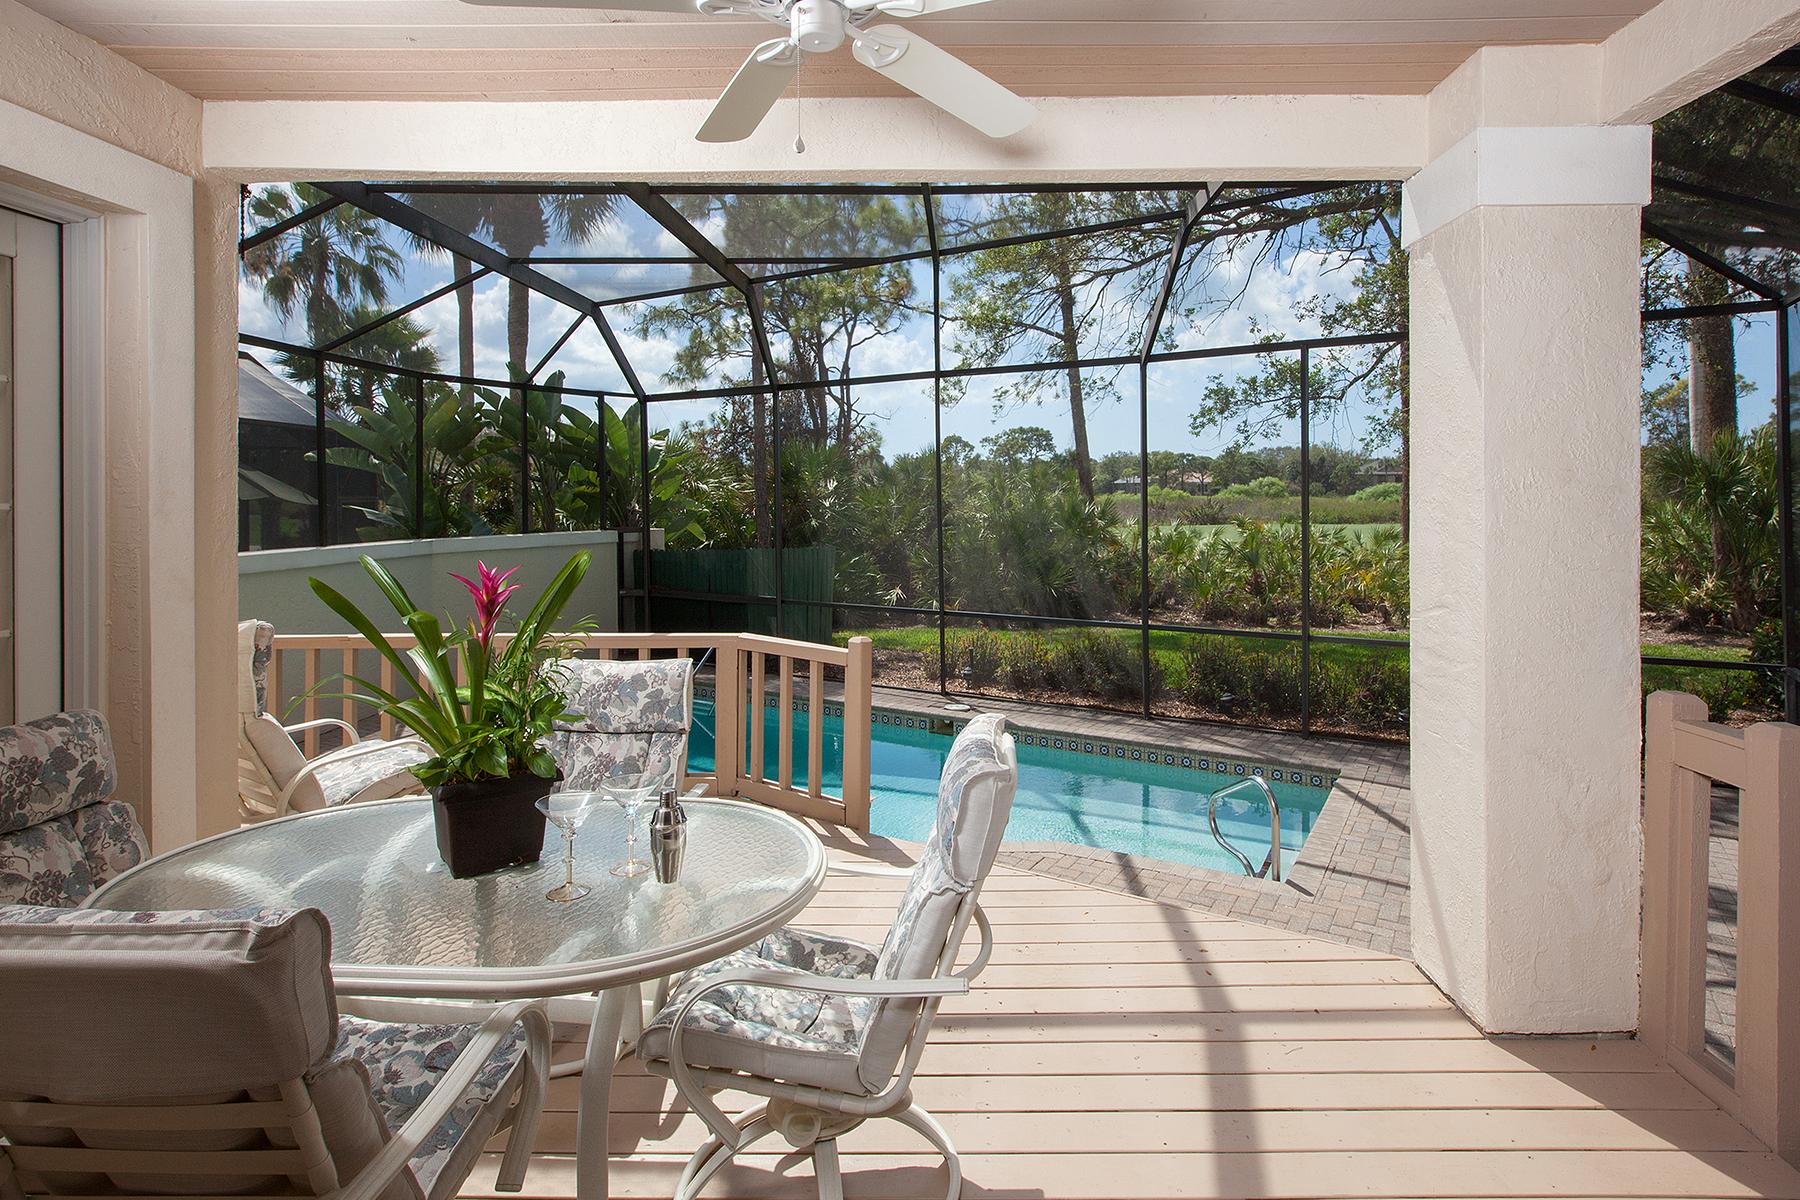 Einfamilienhaus für Verkauf beim BONITA BAY - ENCLAVE 27100 Enclave Dr Bonita Springs, Florida, 34134 Vereinigte Staaten